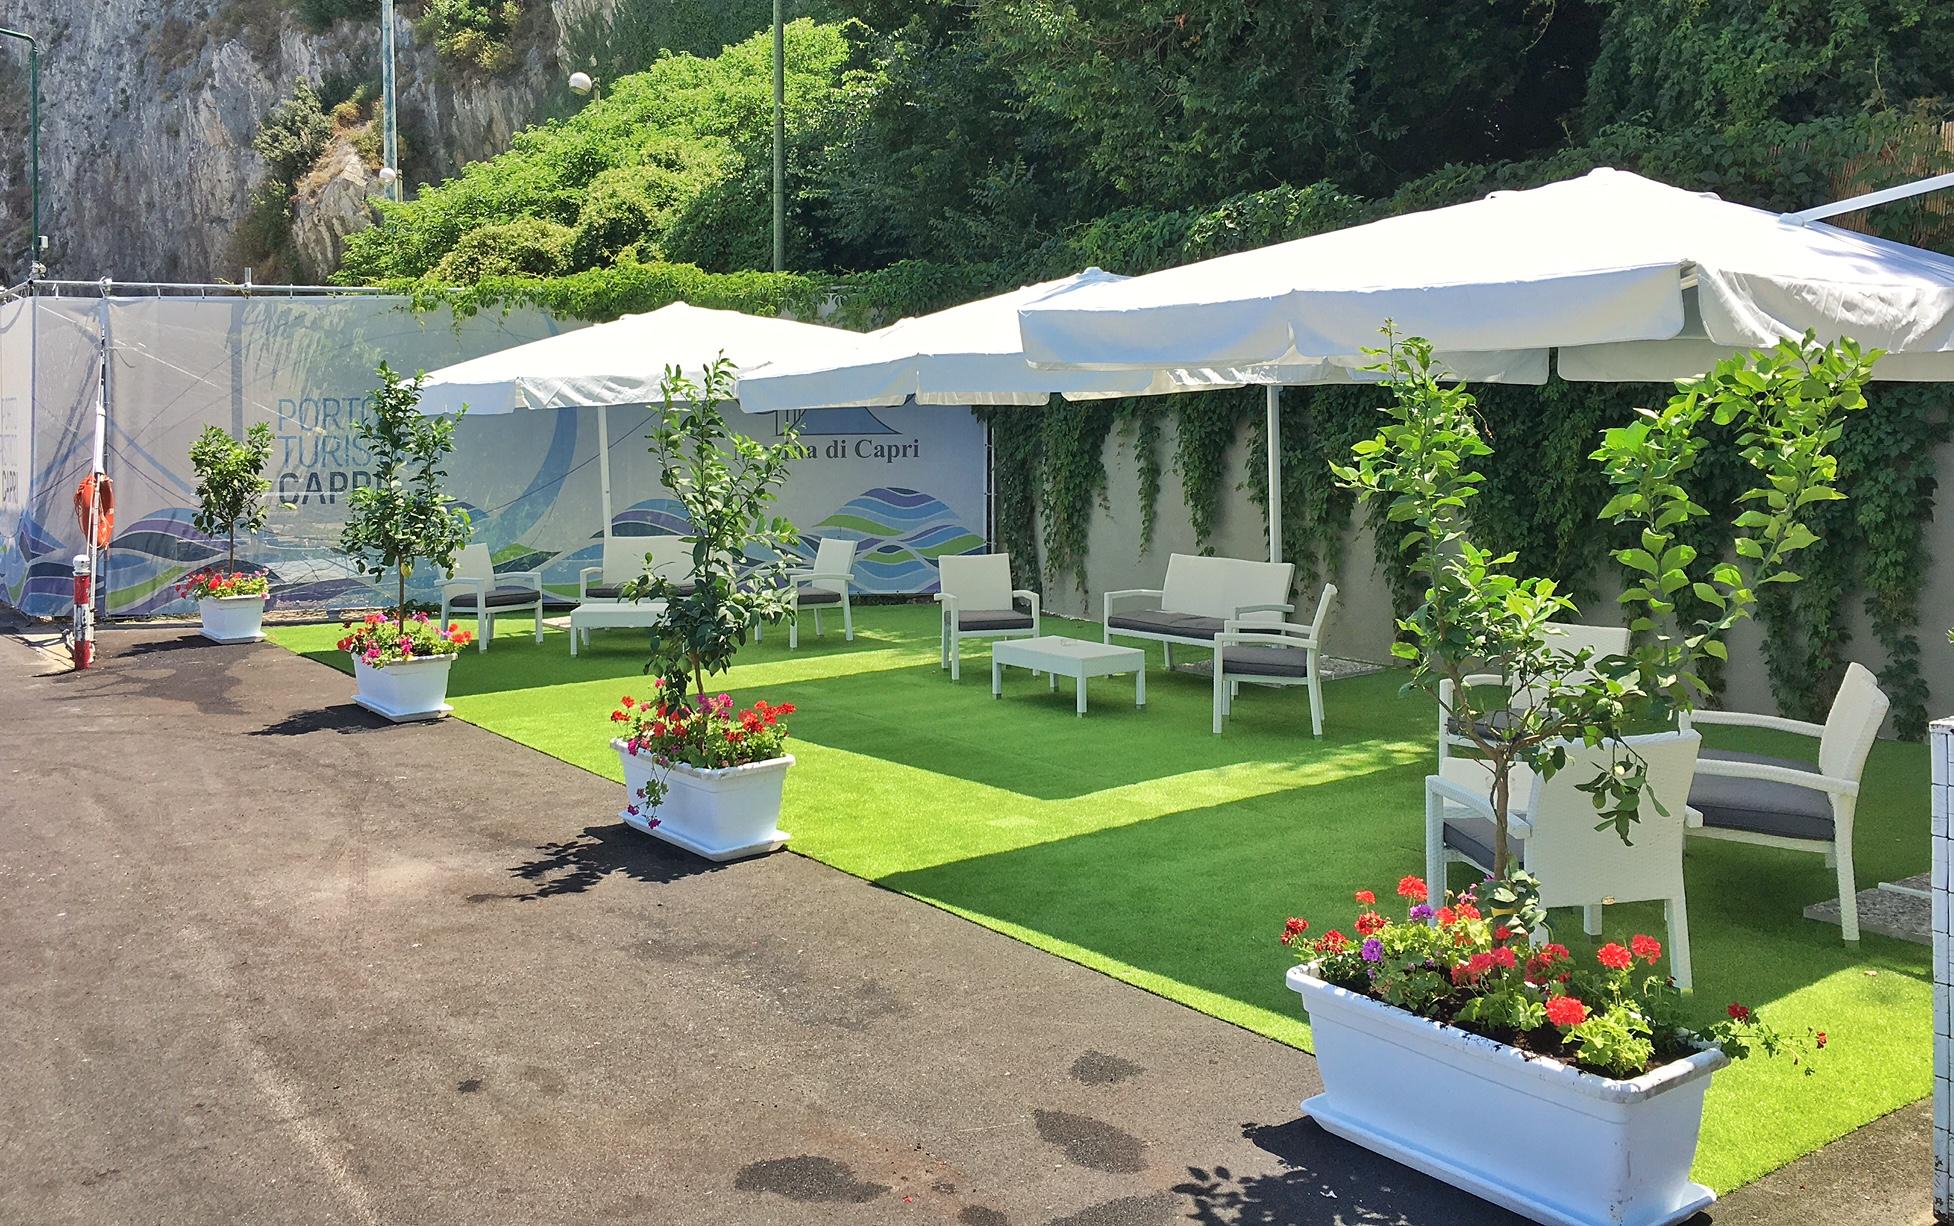 Inaugurata elegante area relax a disposizione degli ospiti della Marina di Capri (Foto)